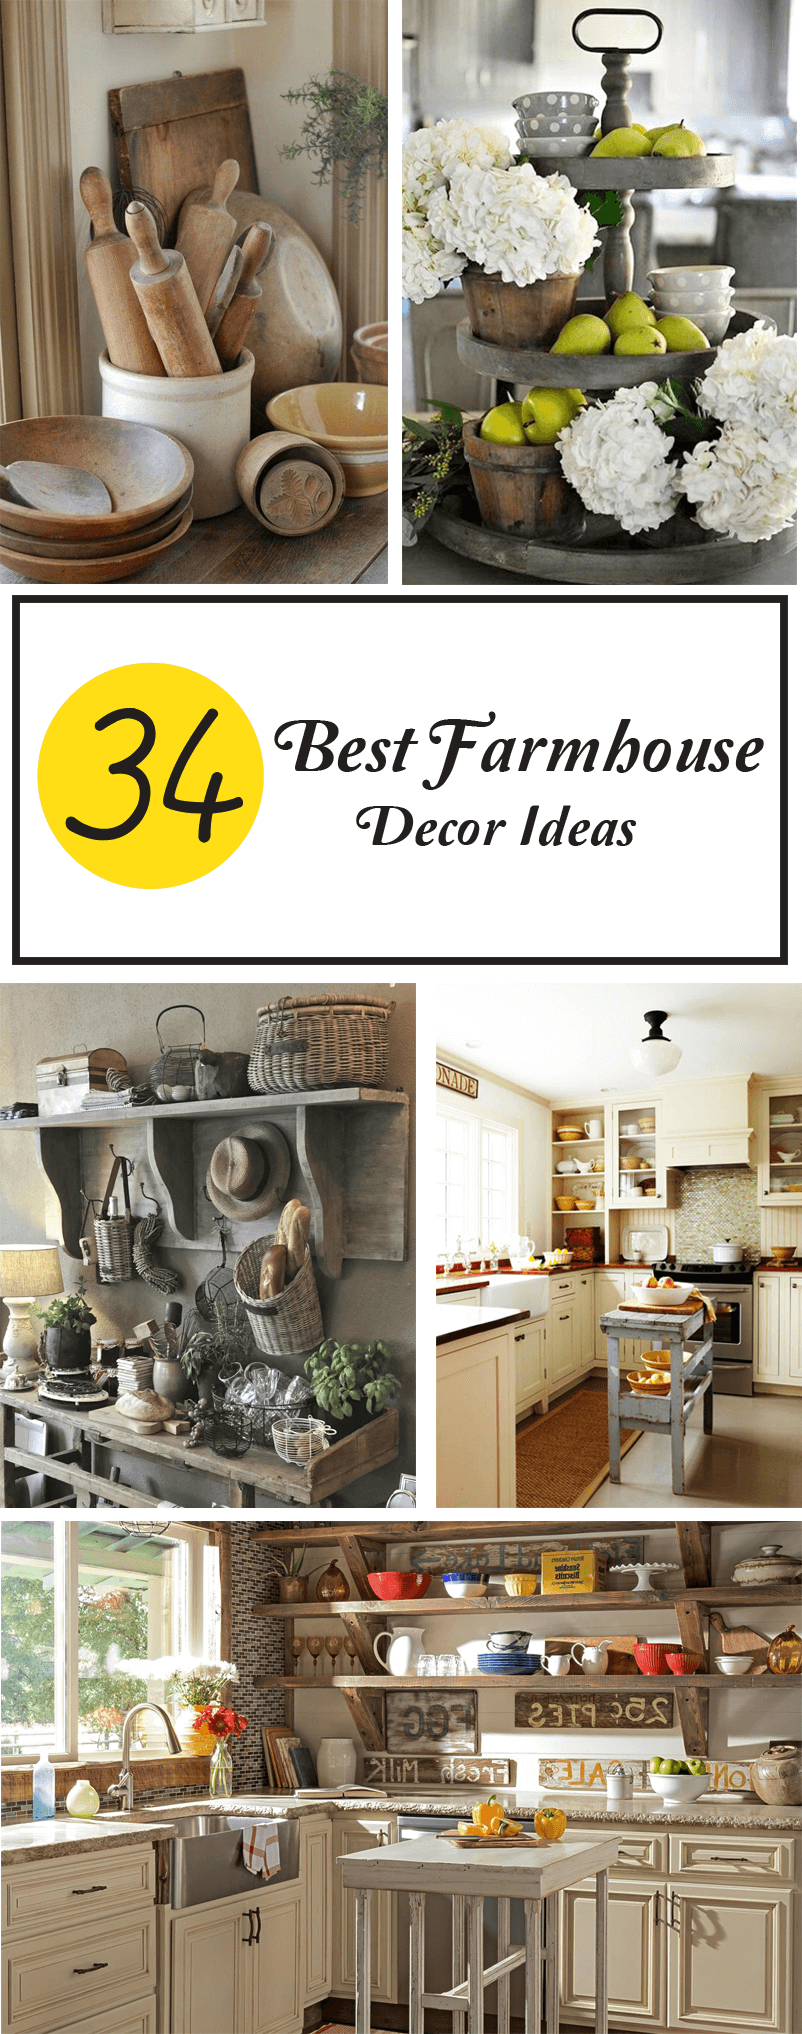 Best Farmhouse Decor Ideas